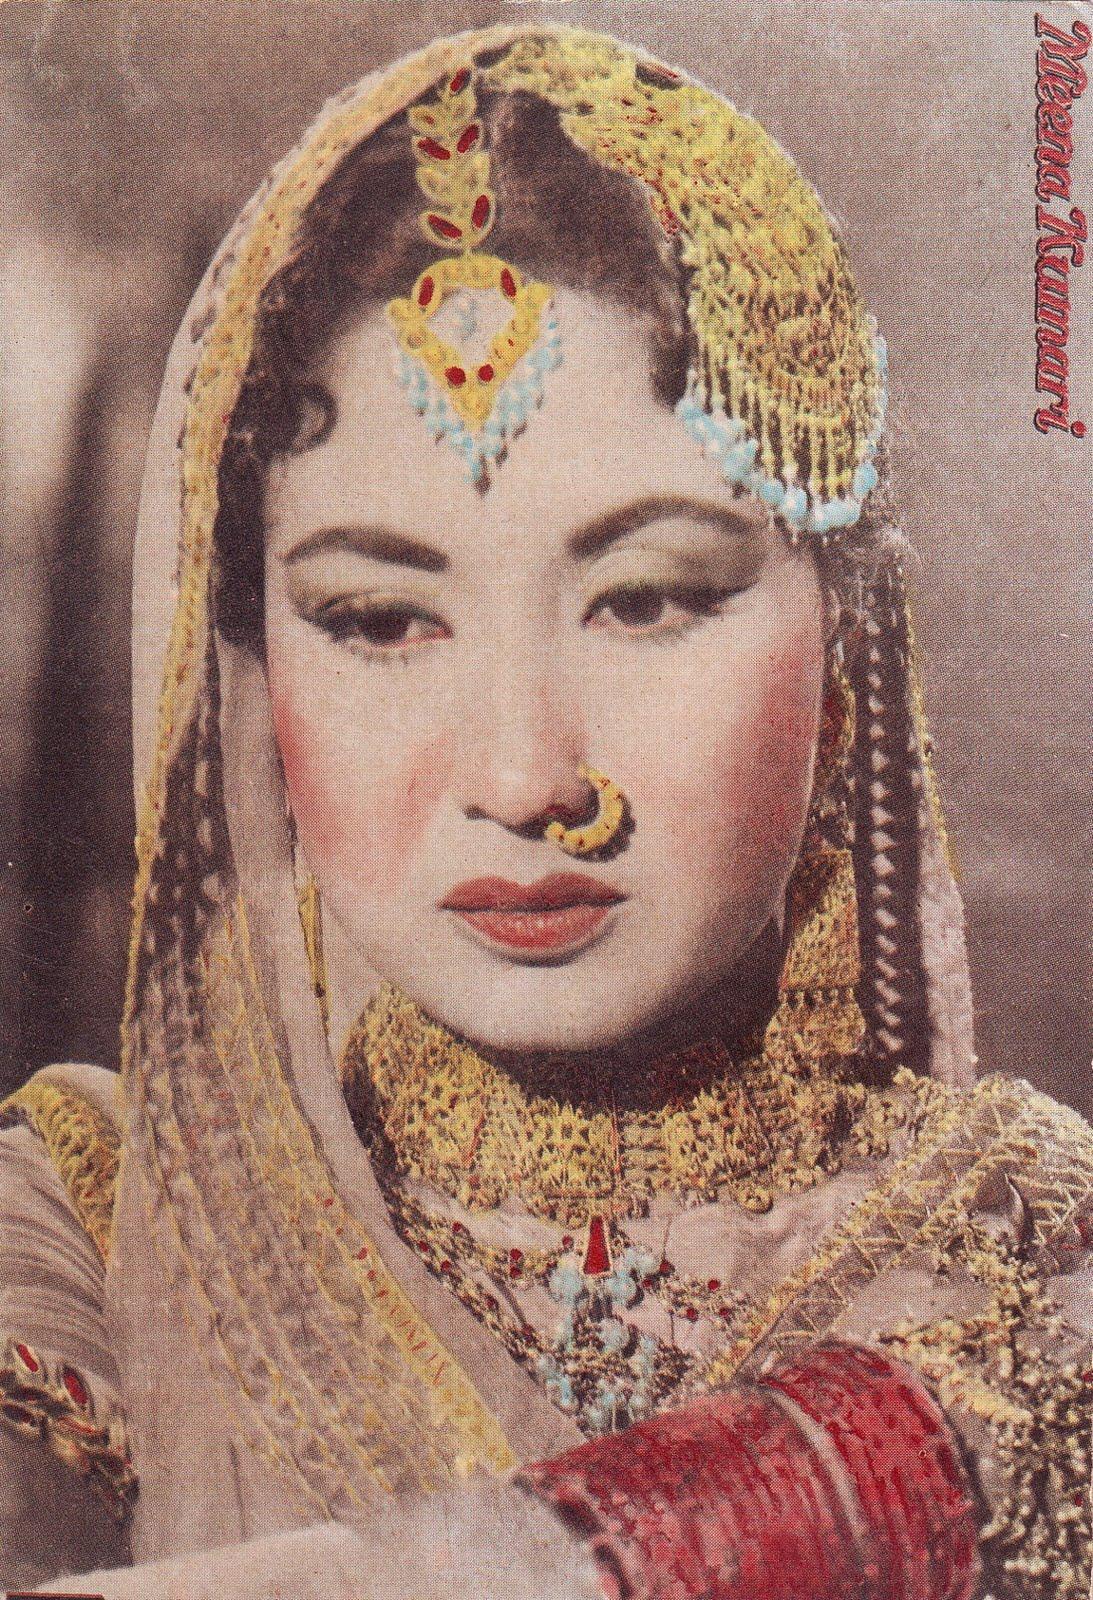 http://1.bp.blogspot.com/-iRLn3UxKHHM/UEW7p4lXR4I/AAAAAAAABKM/TYmq5a11_Us/s1600/meena-kumari-wallpaper-3.jpg